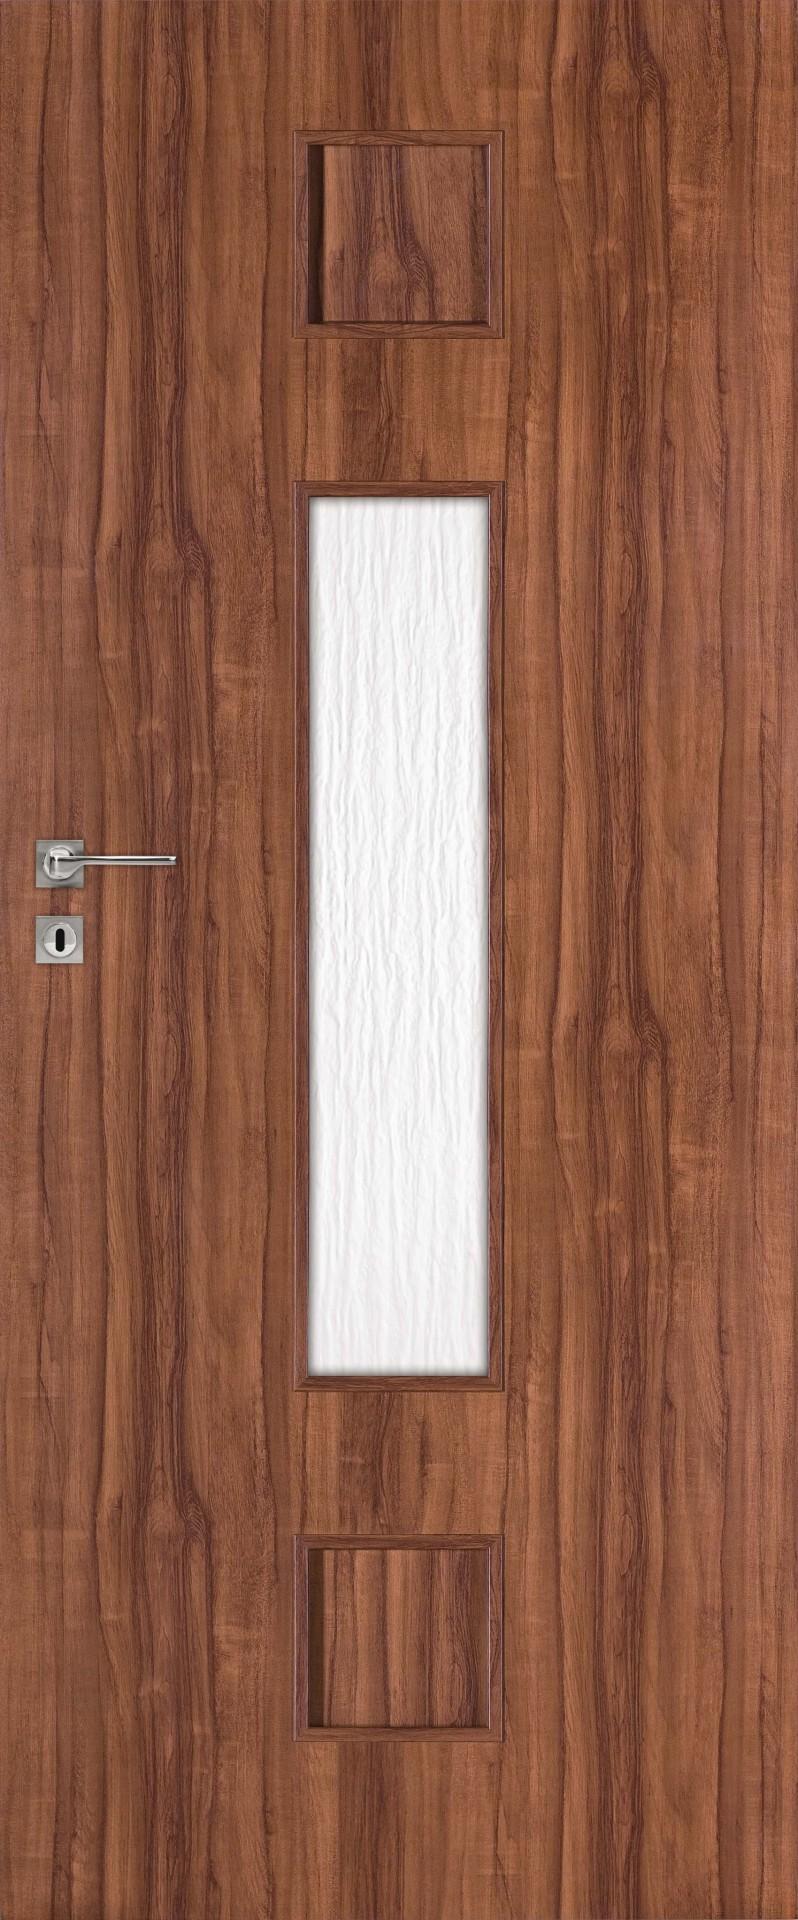 Dre dveře IDEA 120, Šíře v cm 80